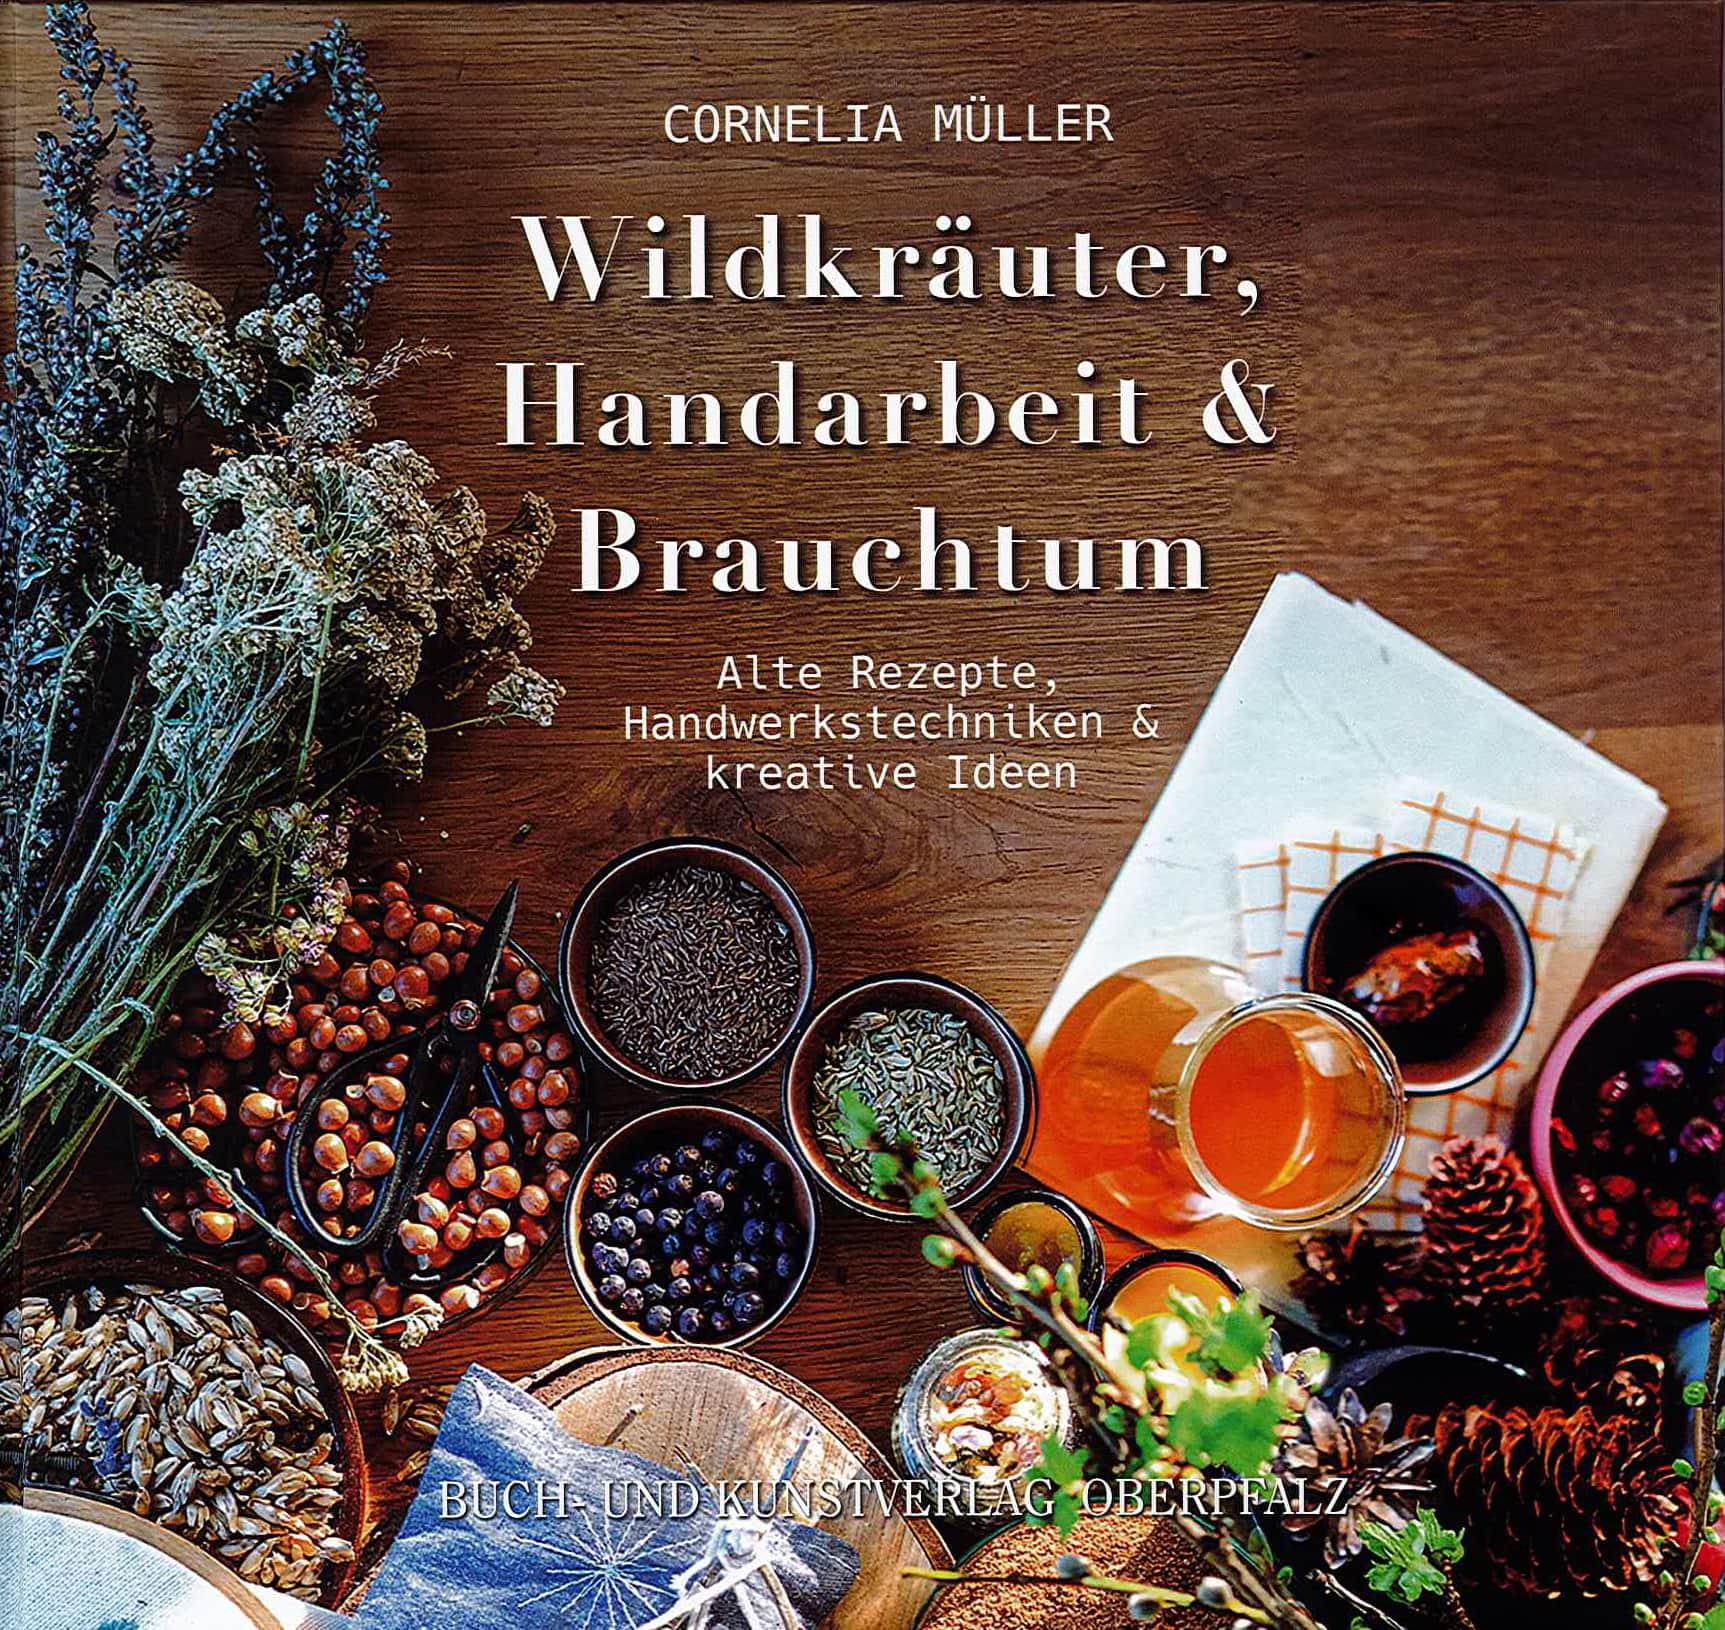 """Alte Rezepte, Handwerkstechniken und kreative Ideen Blizz verlost drei Bücher """"Wildkräuter, Handarbeit & Brauchtum"""" von Cornelia Müller"""